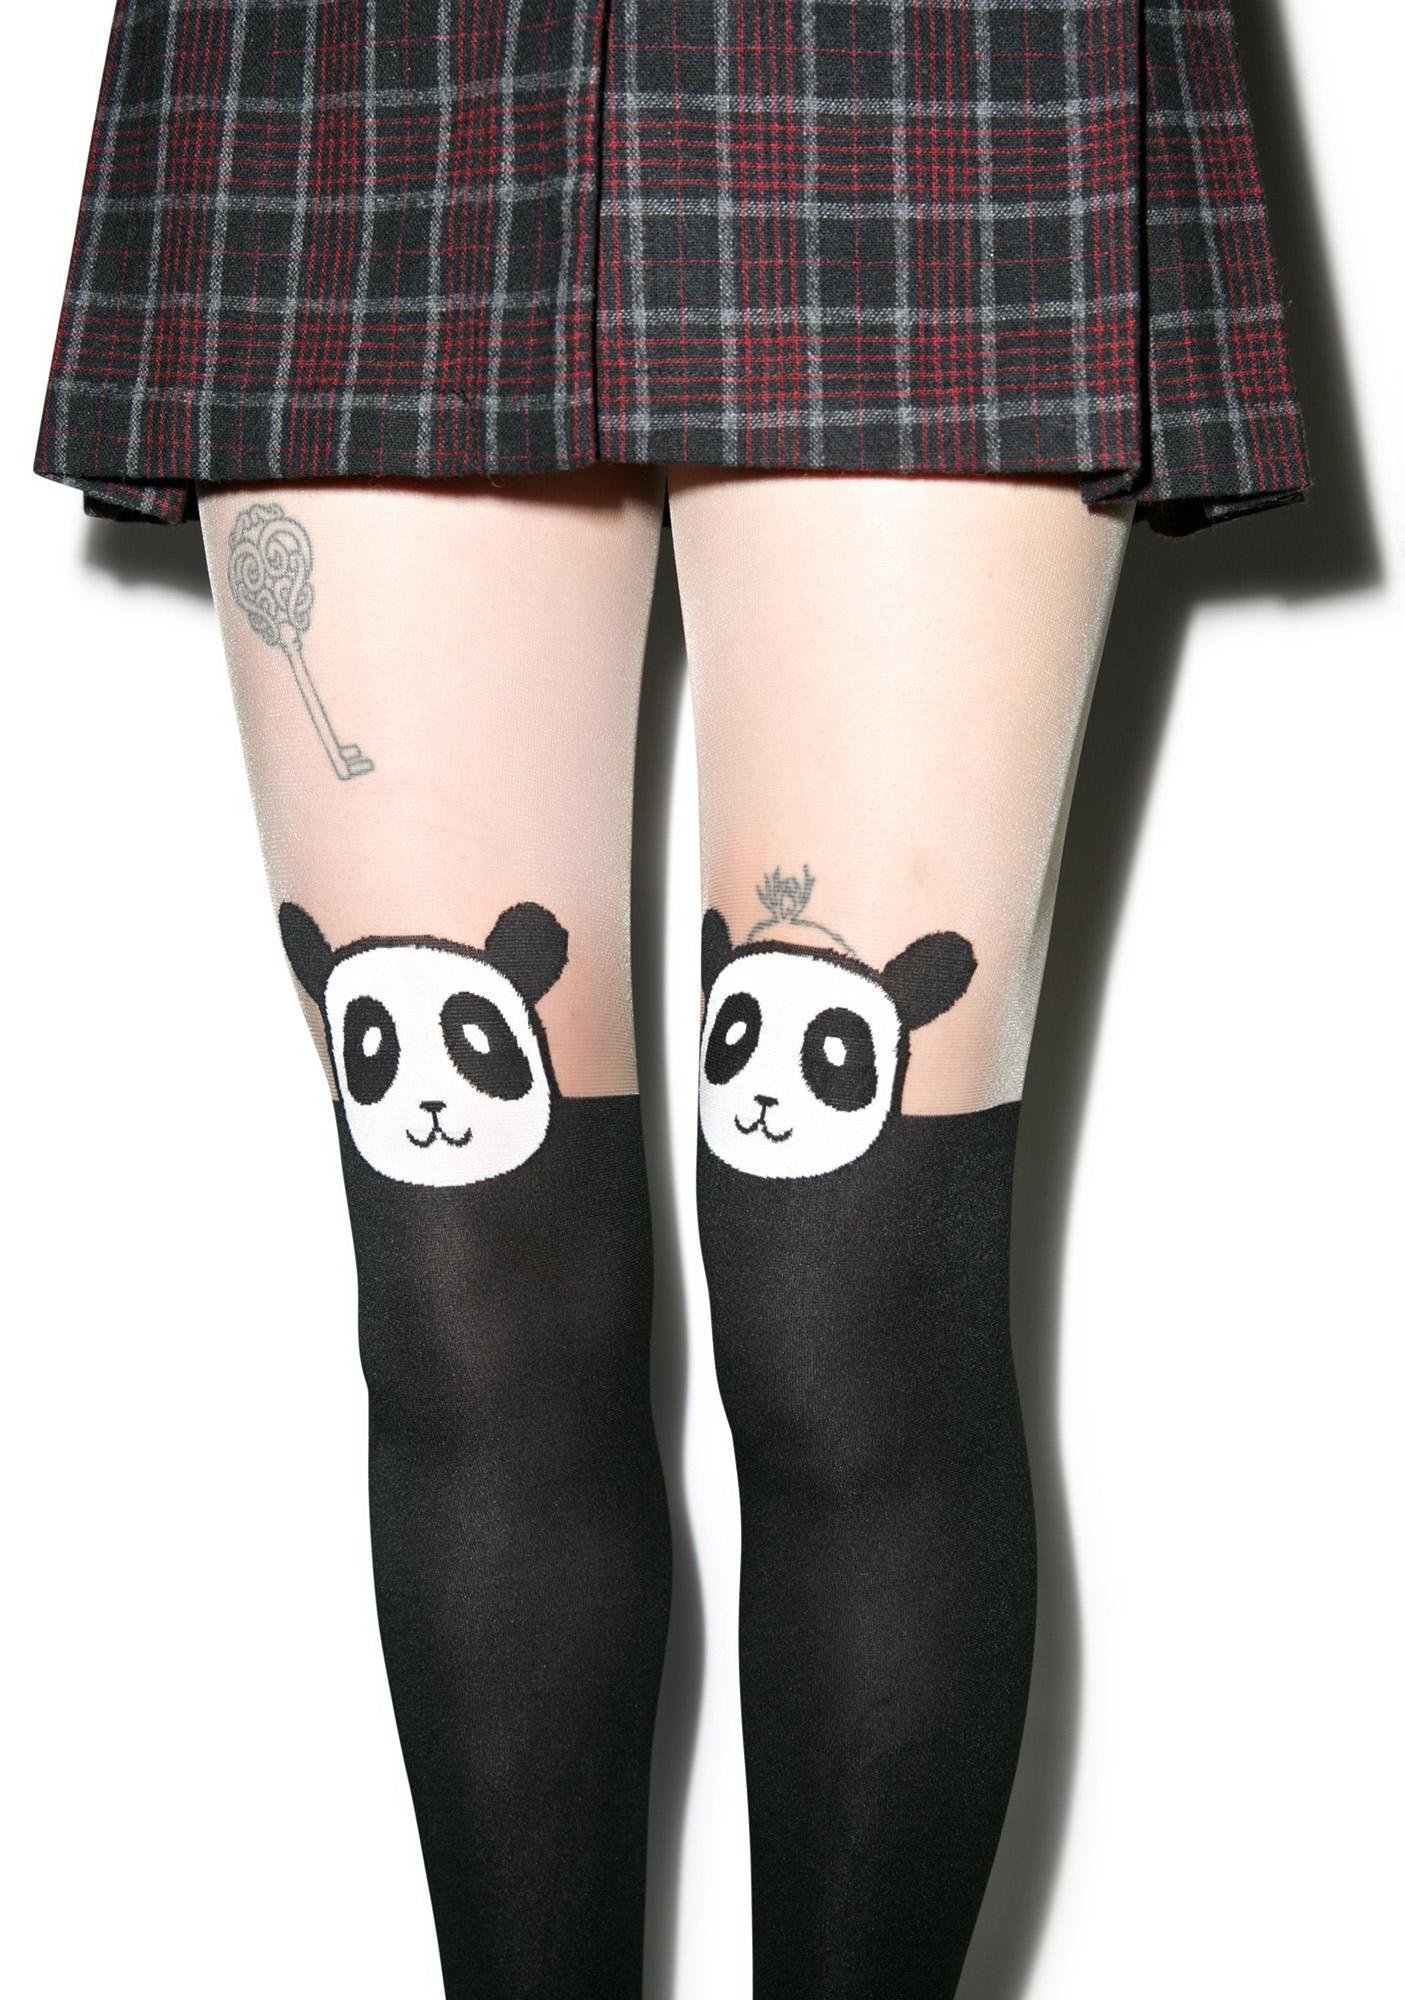 Xiao Mei Panda Tights